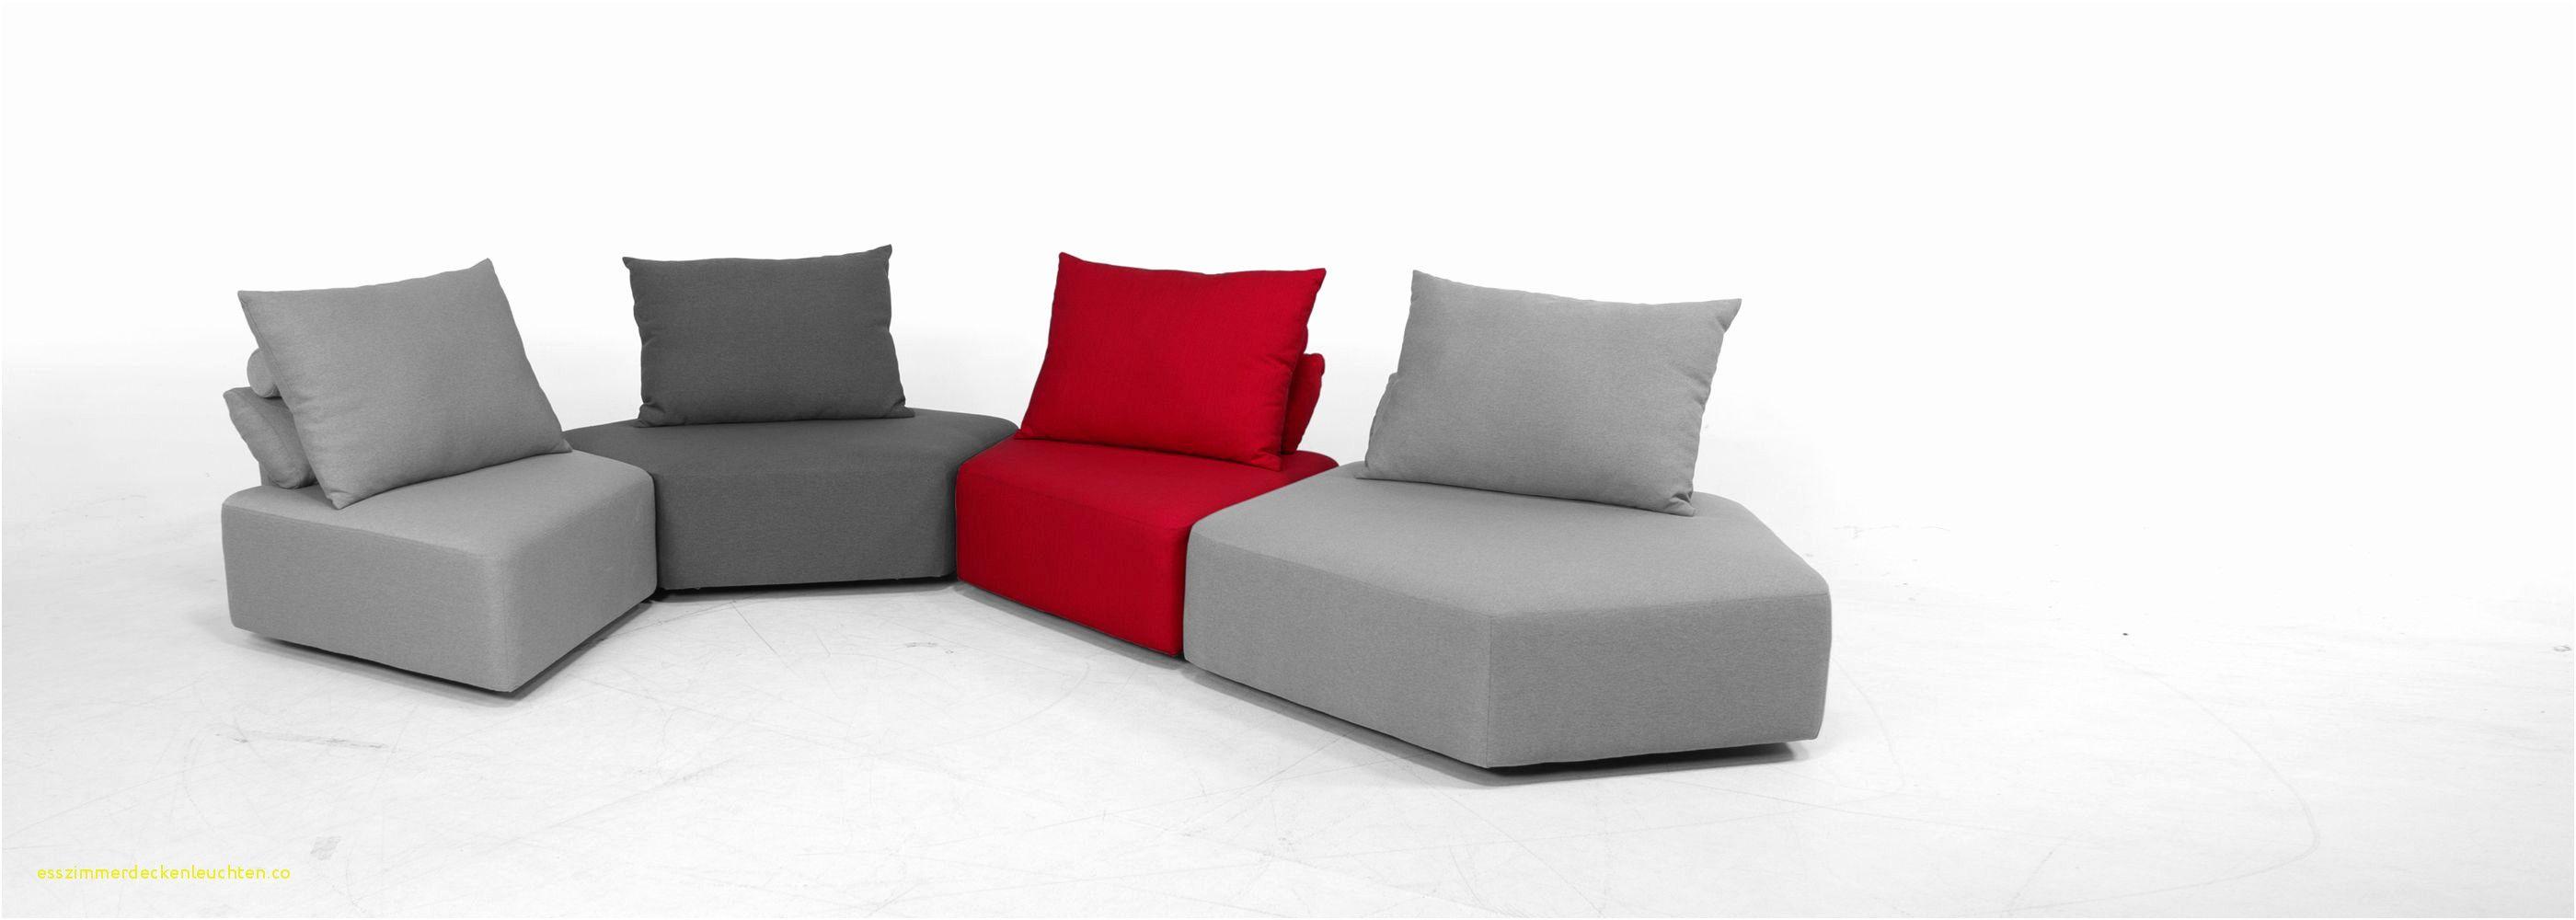 Herrlich Eckcouch Hohe Lehne In 2020 Home Decor Couch Decor